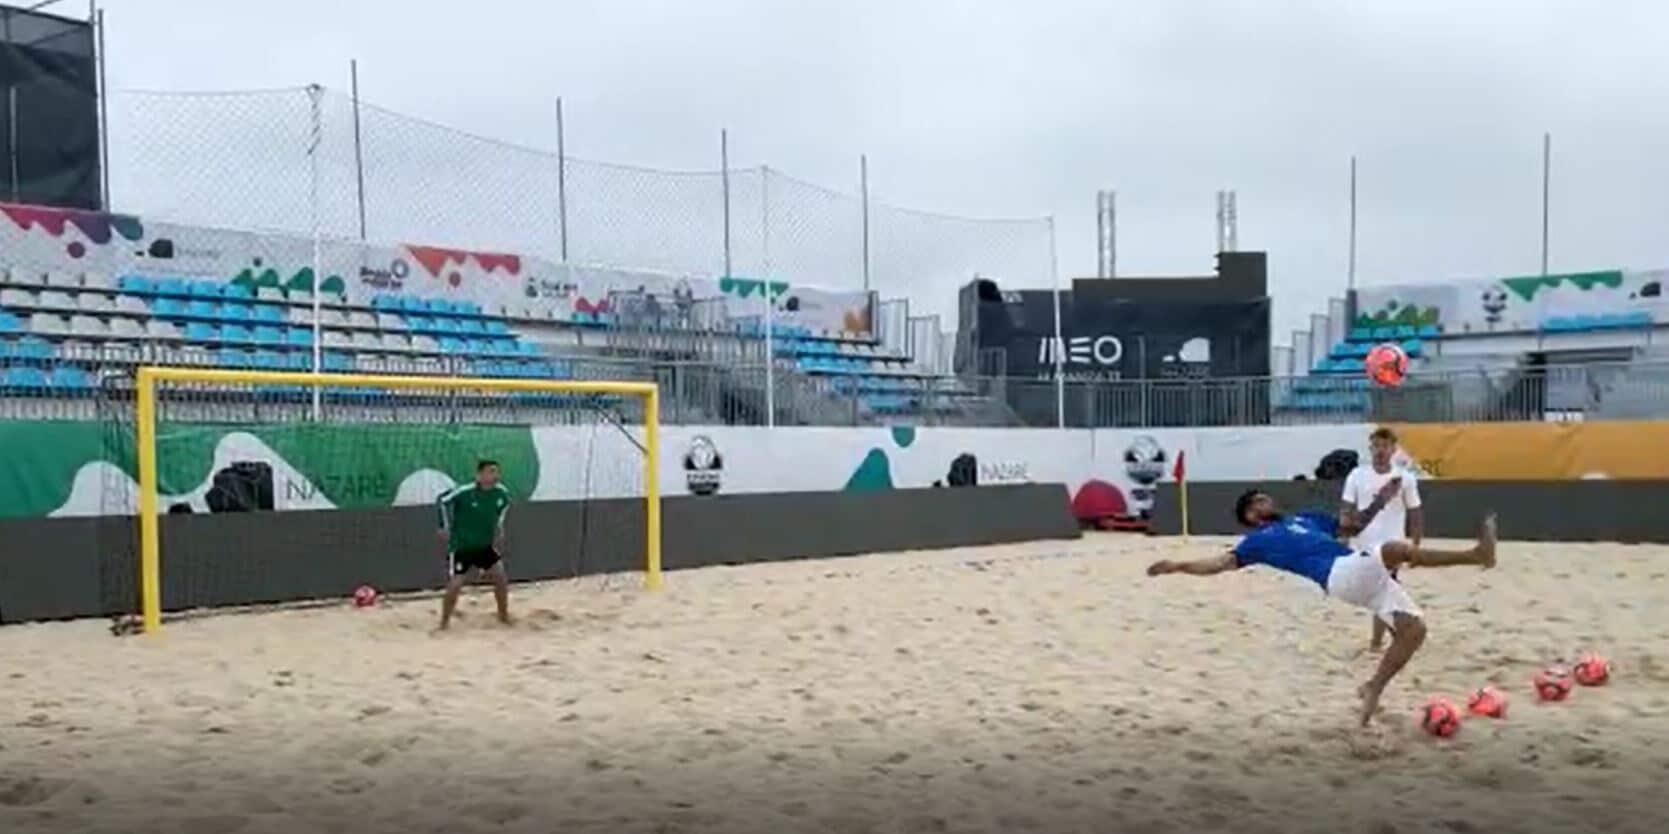 Beach Soccer, spettacolare Italia-Germania prima delle qualificazioni europee e mondiali